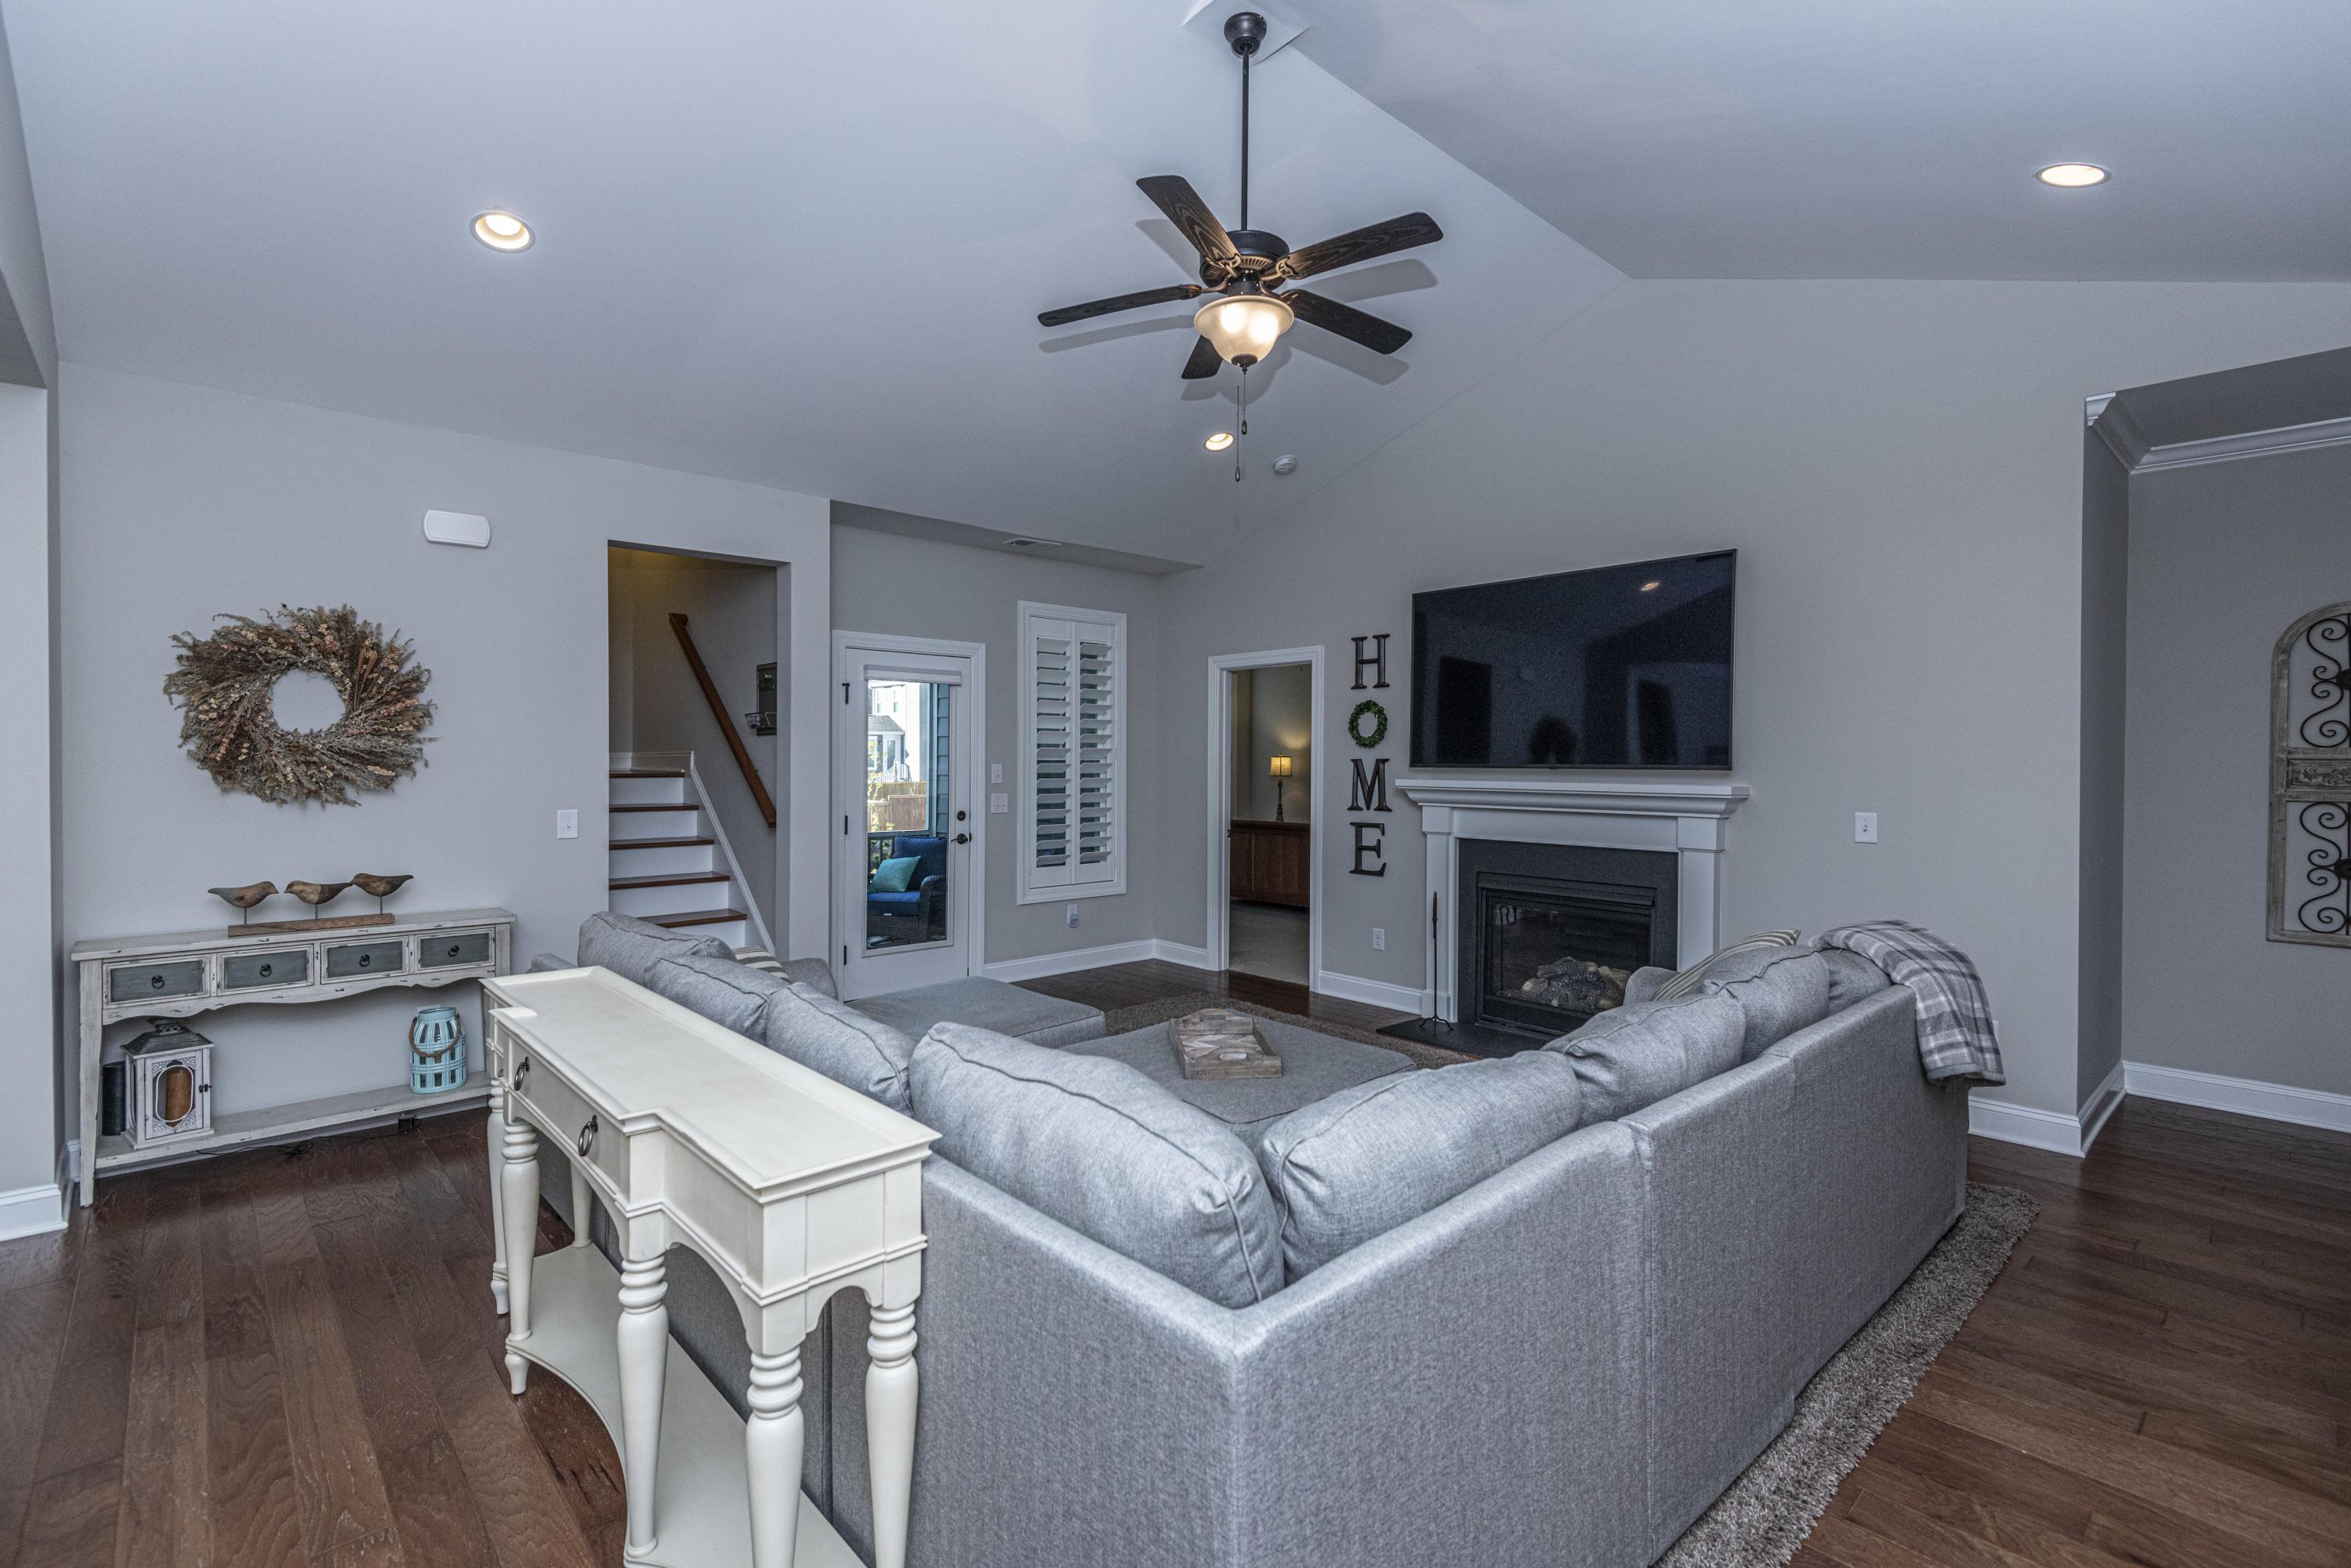 Park West Homes For Sale - 2667 Park West, Mount Pleasant, SC - 21